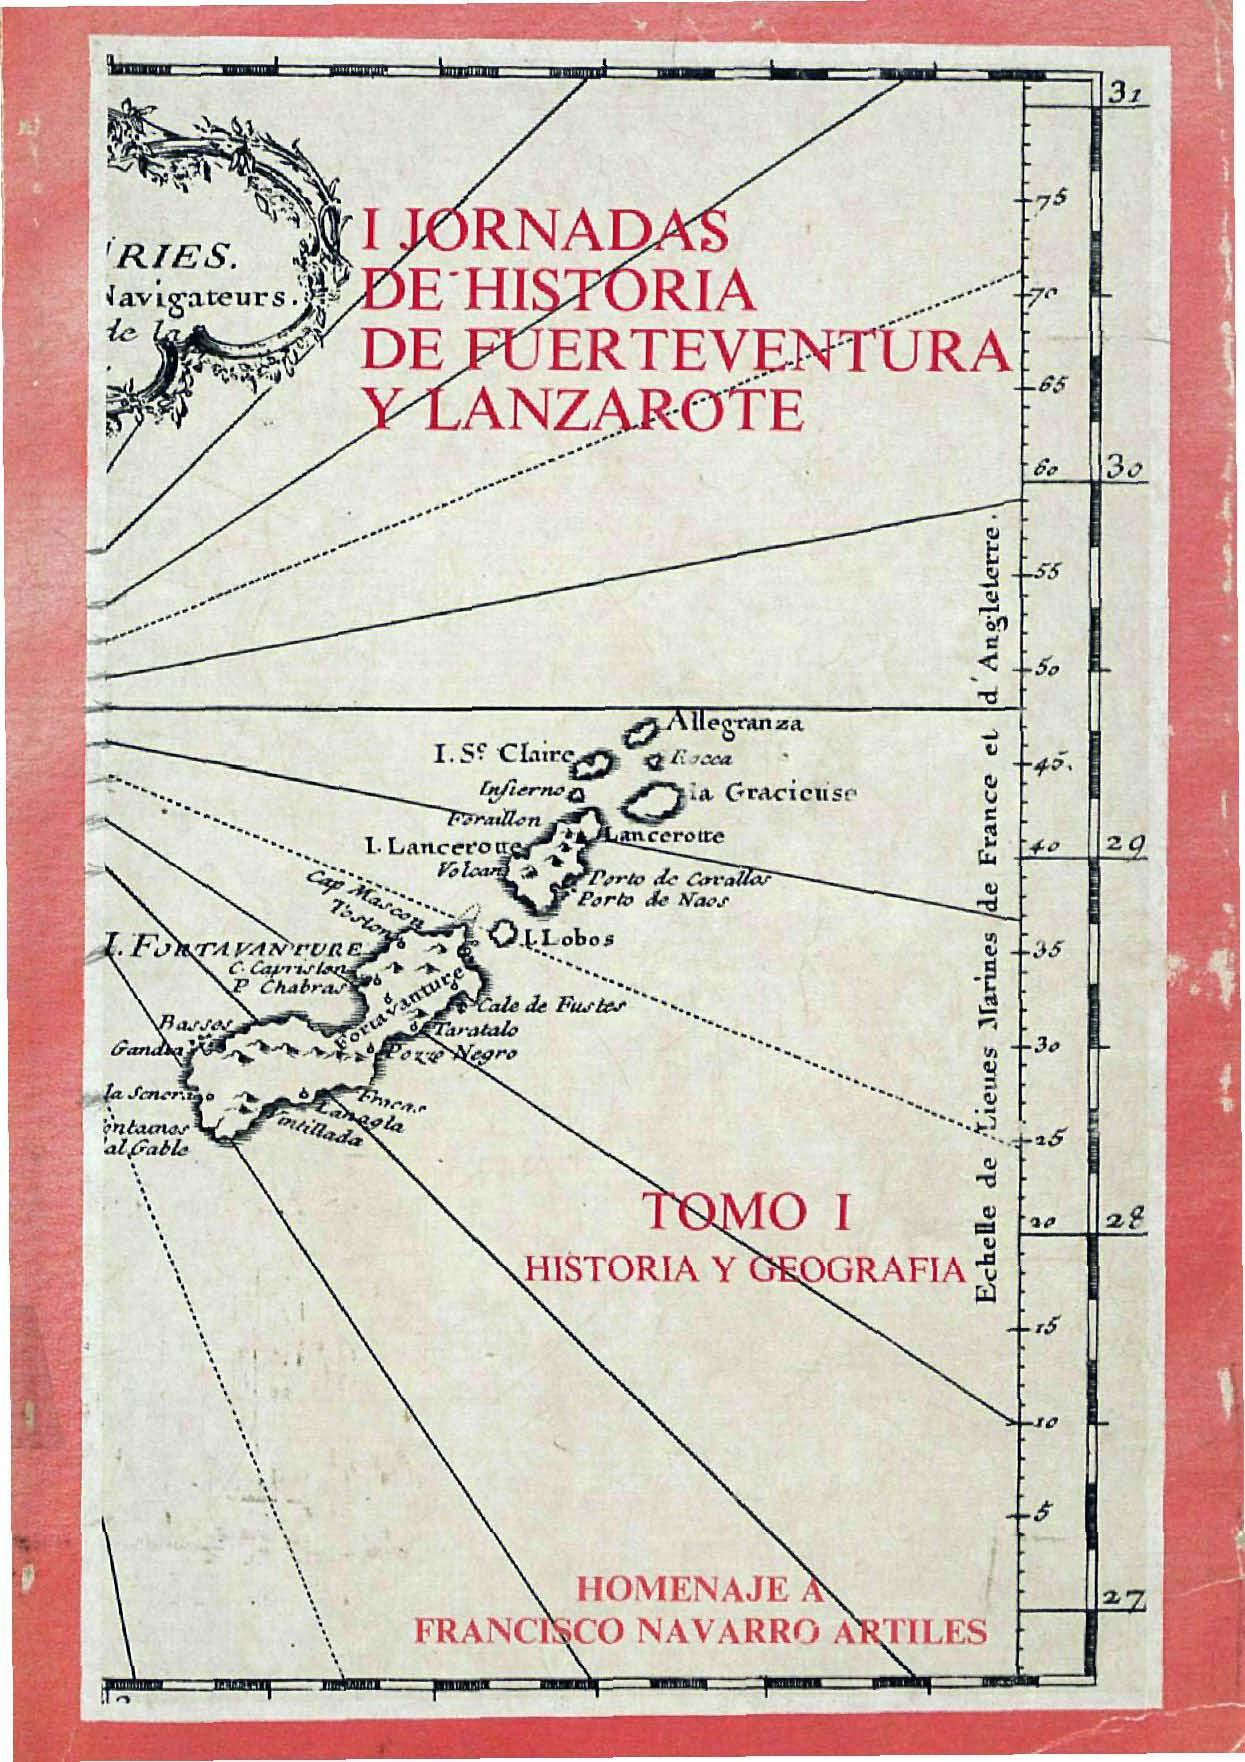 Libertad de comercio y economía de autoconsumo: Lanzarote y Fuerteventura como islas granero durante el trienio liberal